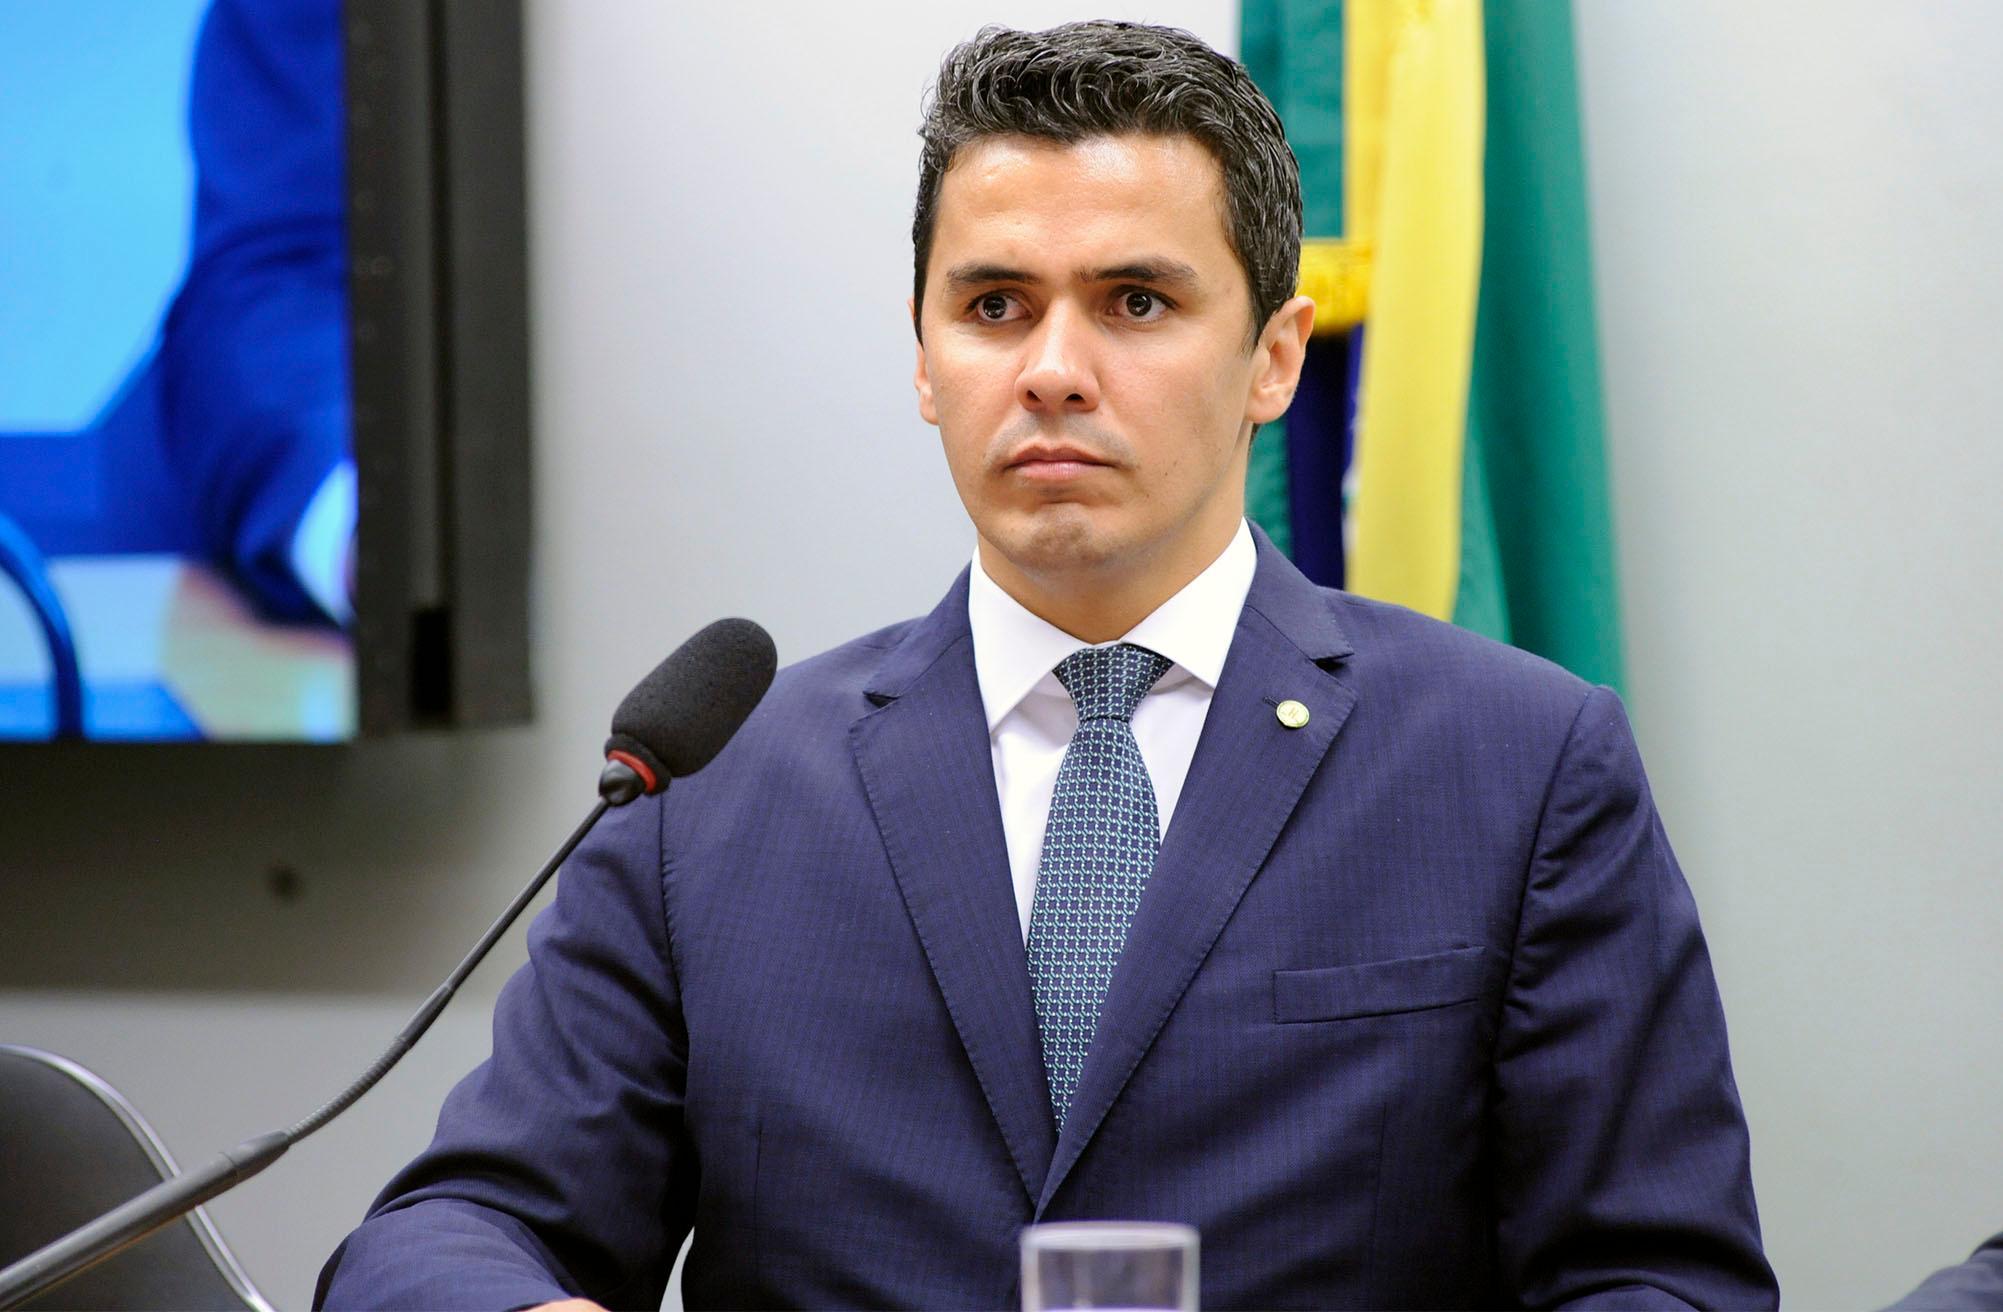 Audiência pública sobre a PEC 333/2017 e suas apensadas. Dep. Diego Garcia (PODE - PR)